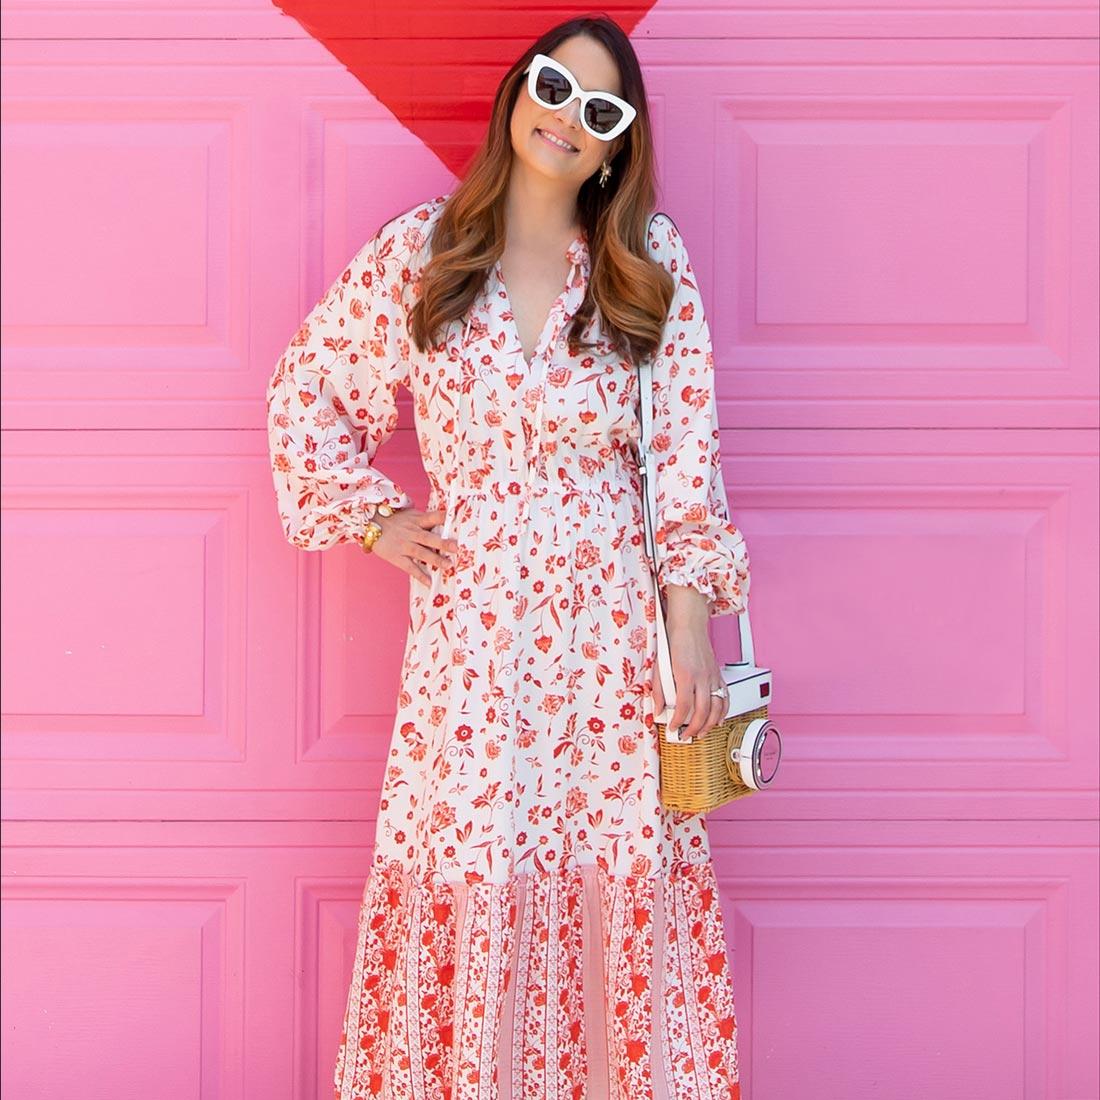 Jennifer Lake Grace Atwood Amazon Drop Red Print Dress